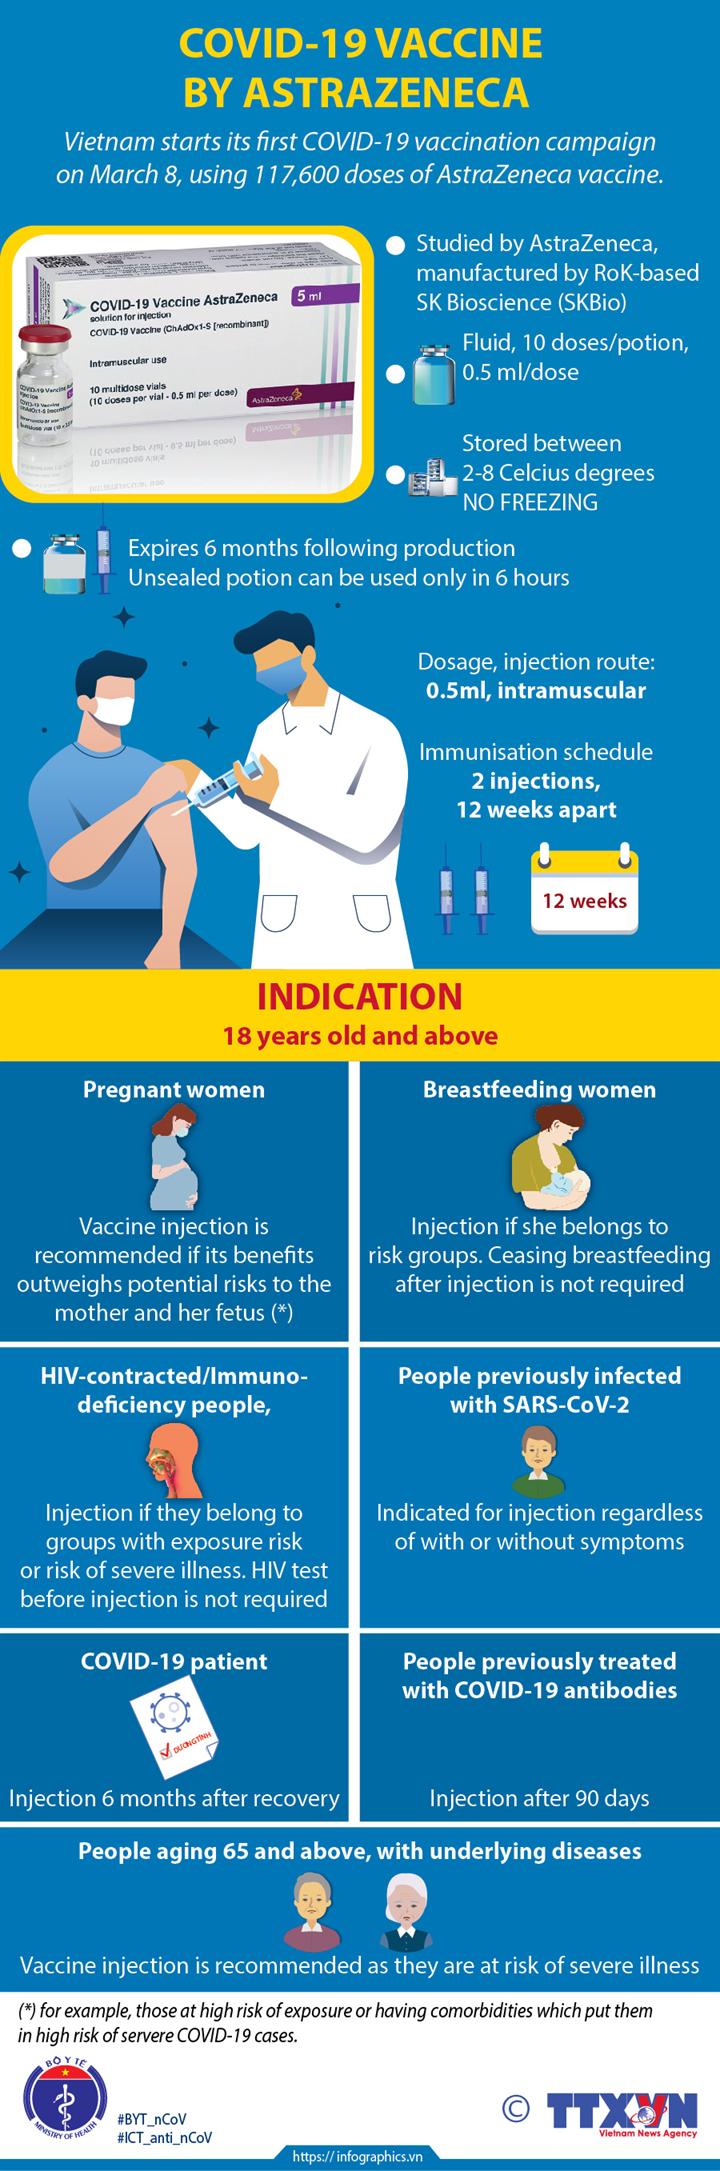 COVID-19 vaccine by AstraZeneca